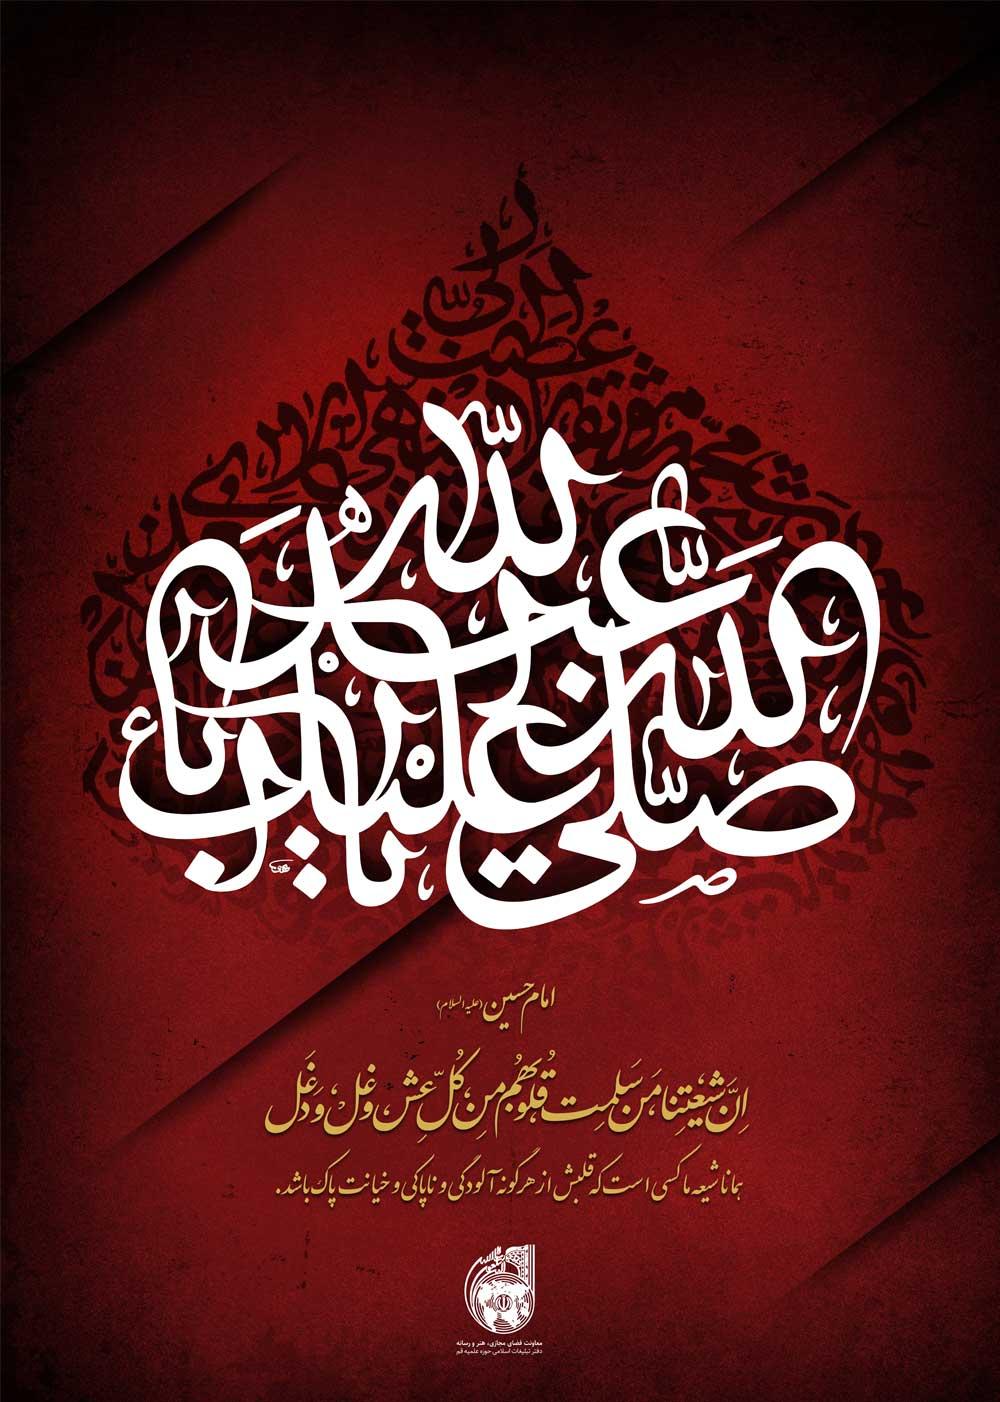 پوستر صلی الله علیک یا اباعبد الله الحسین